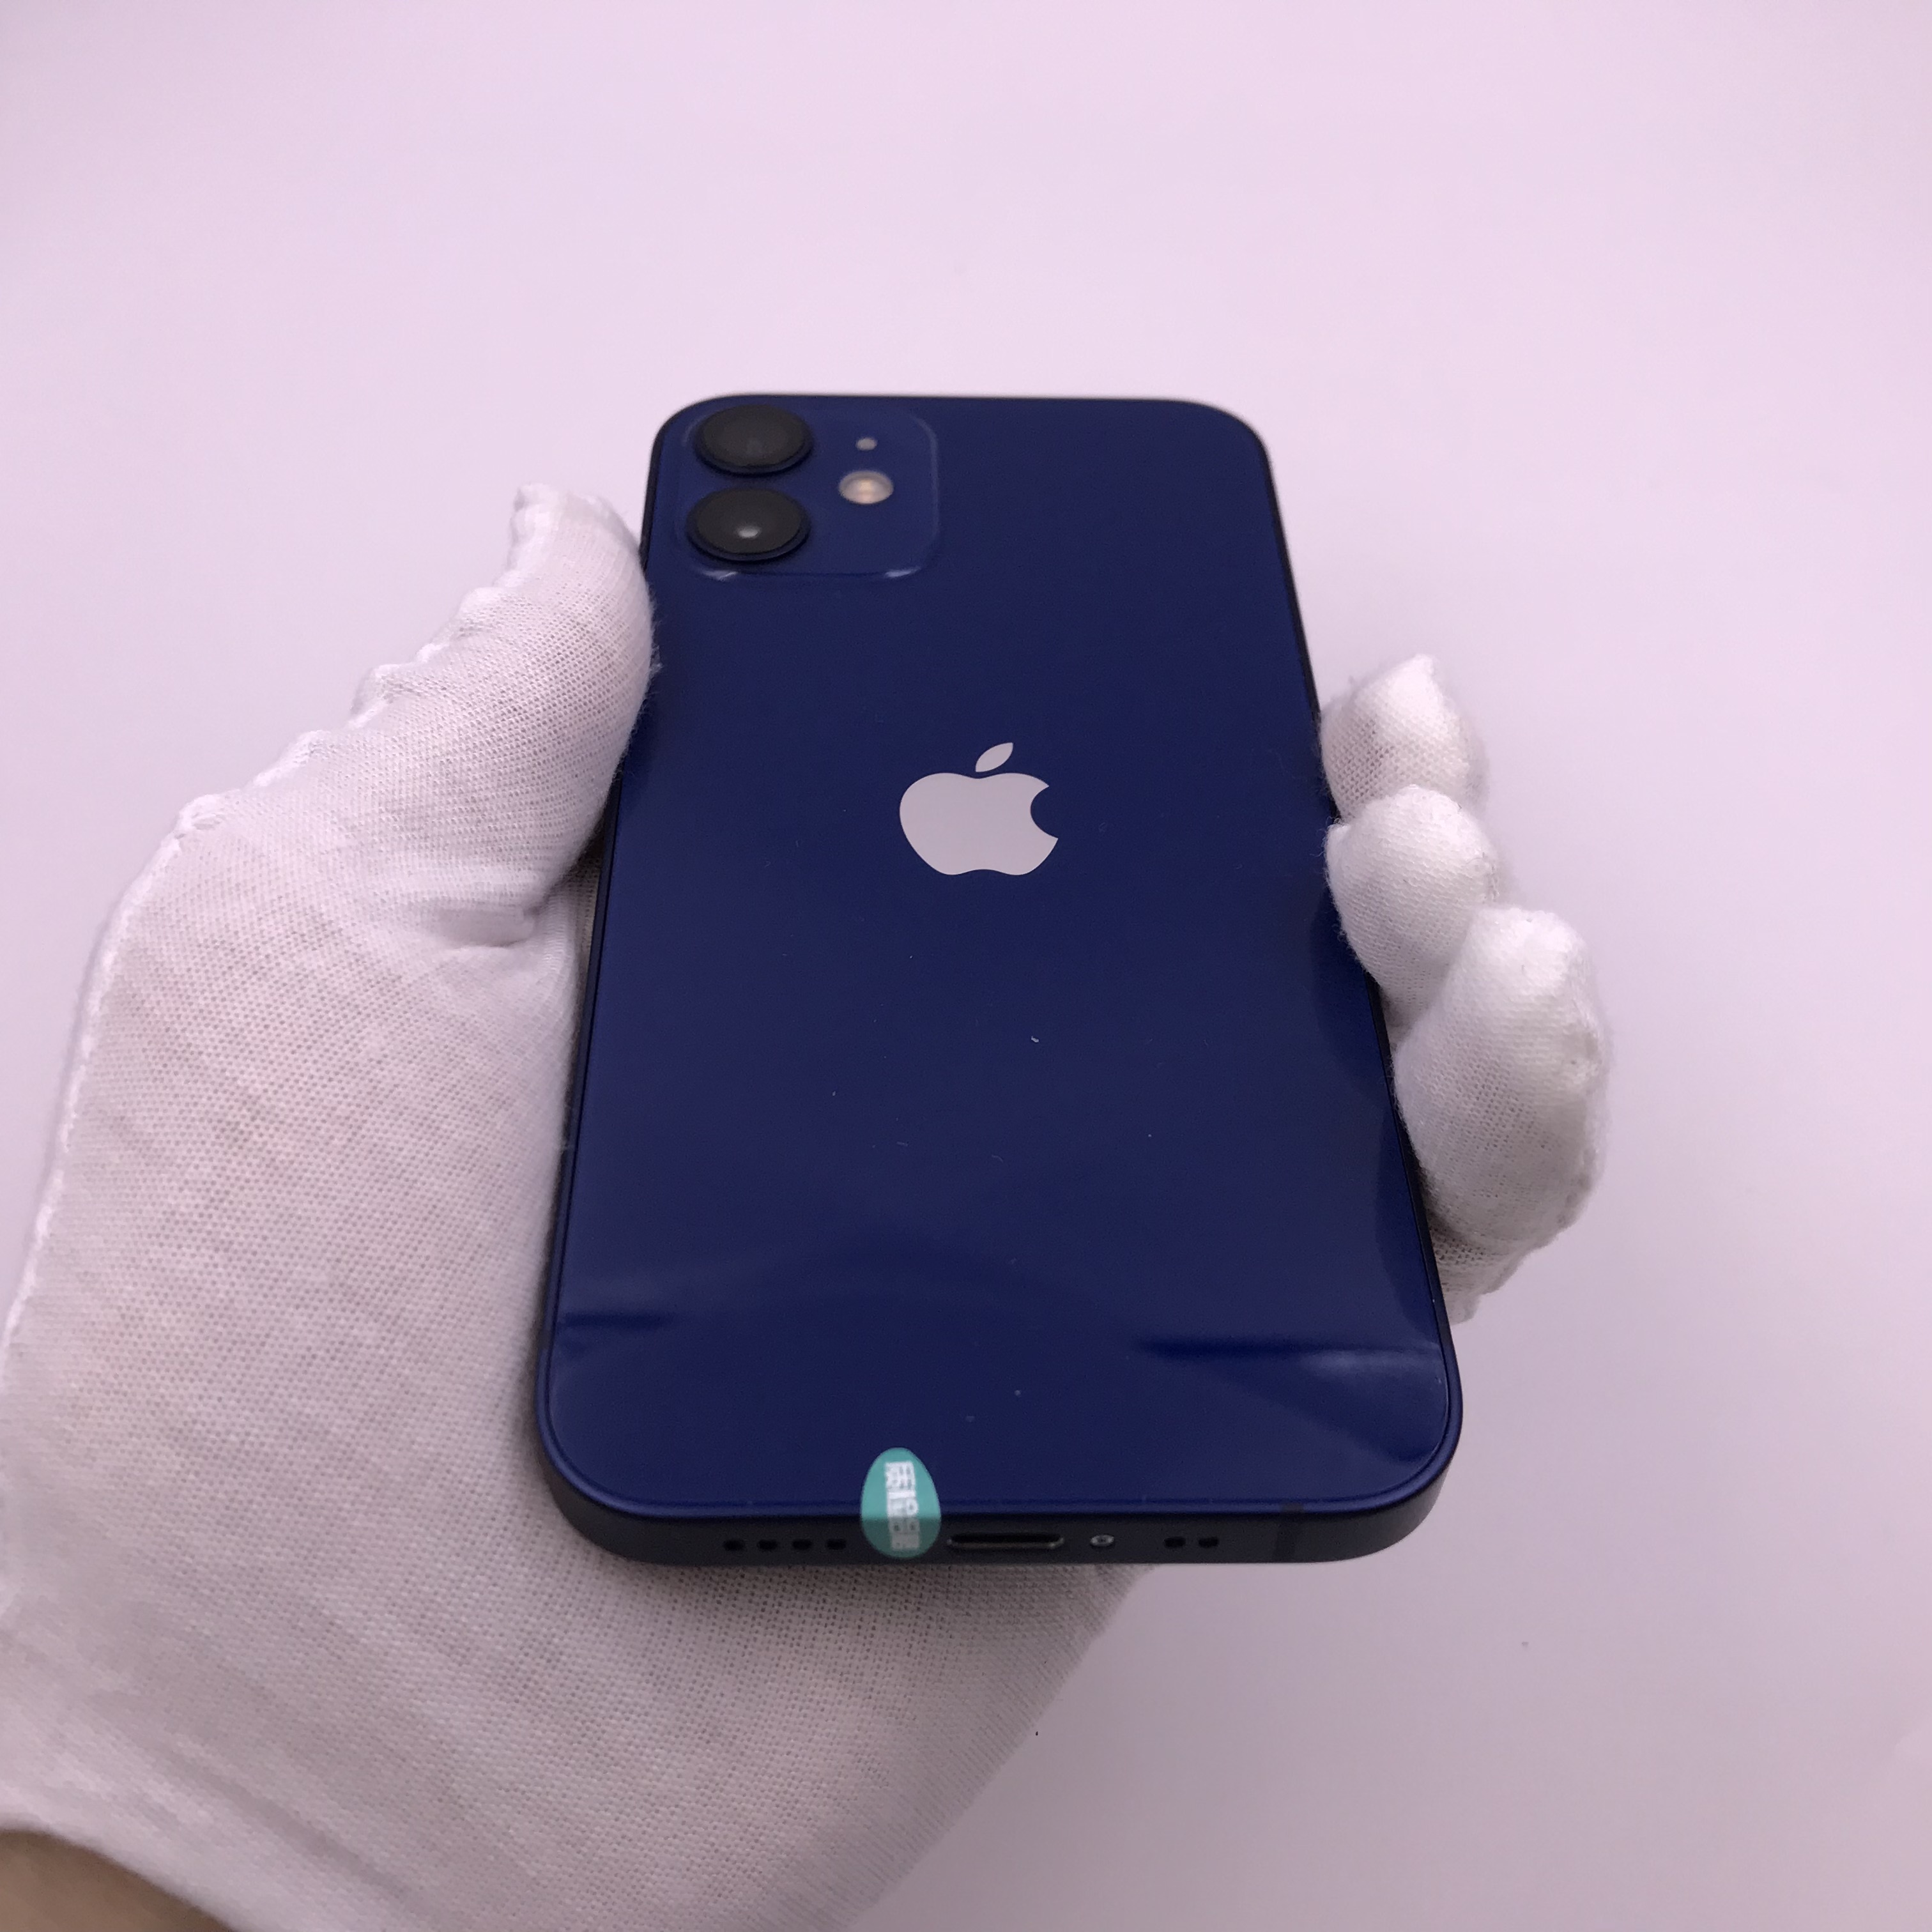 苹果【iPhone 12 mini】5G全网通 蓝色 256G 国行 99新